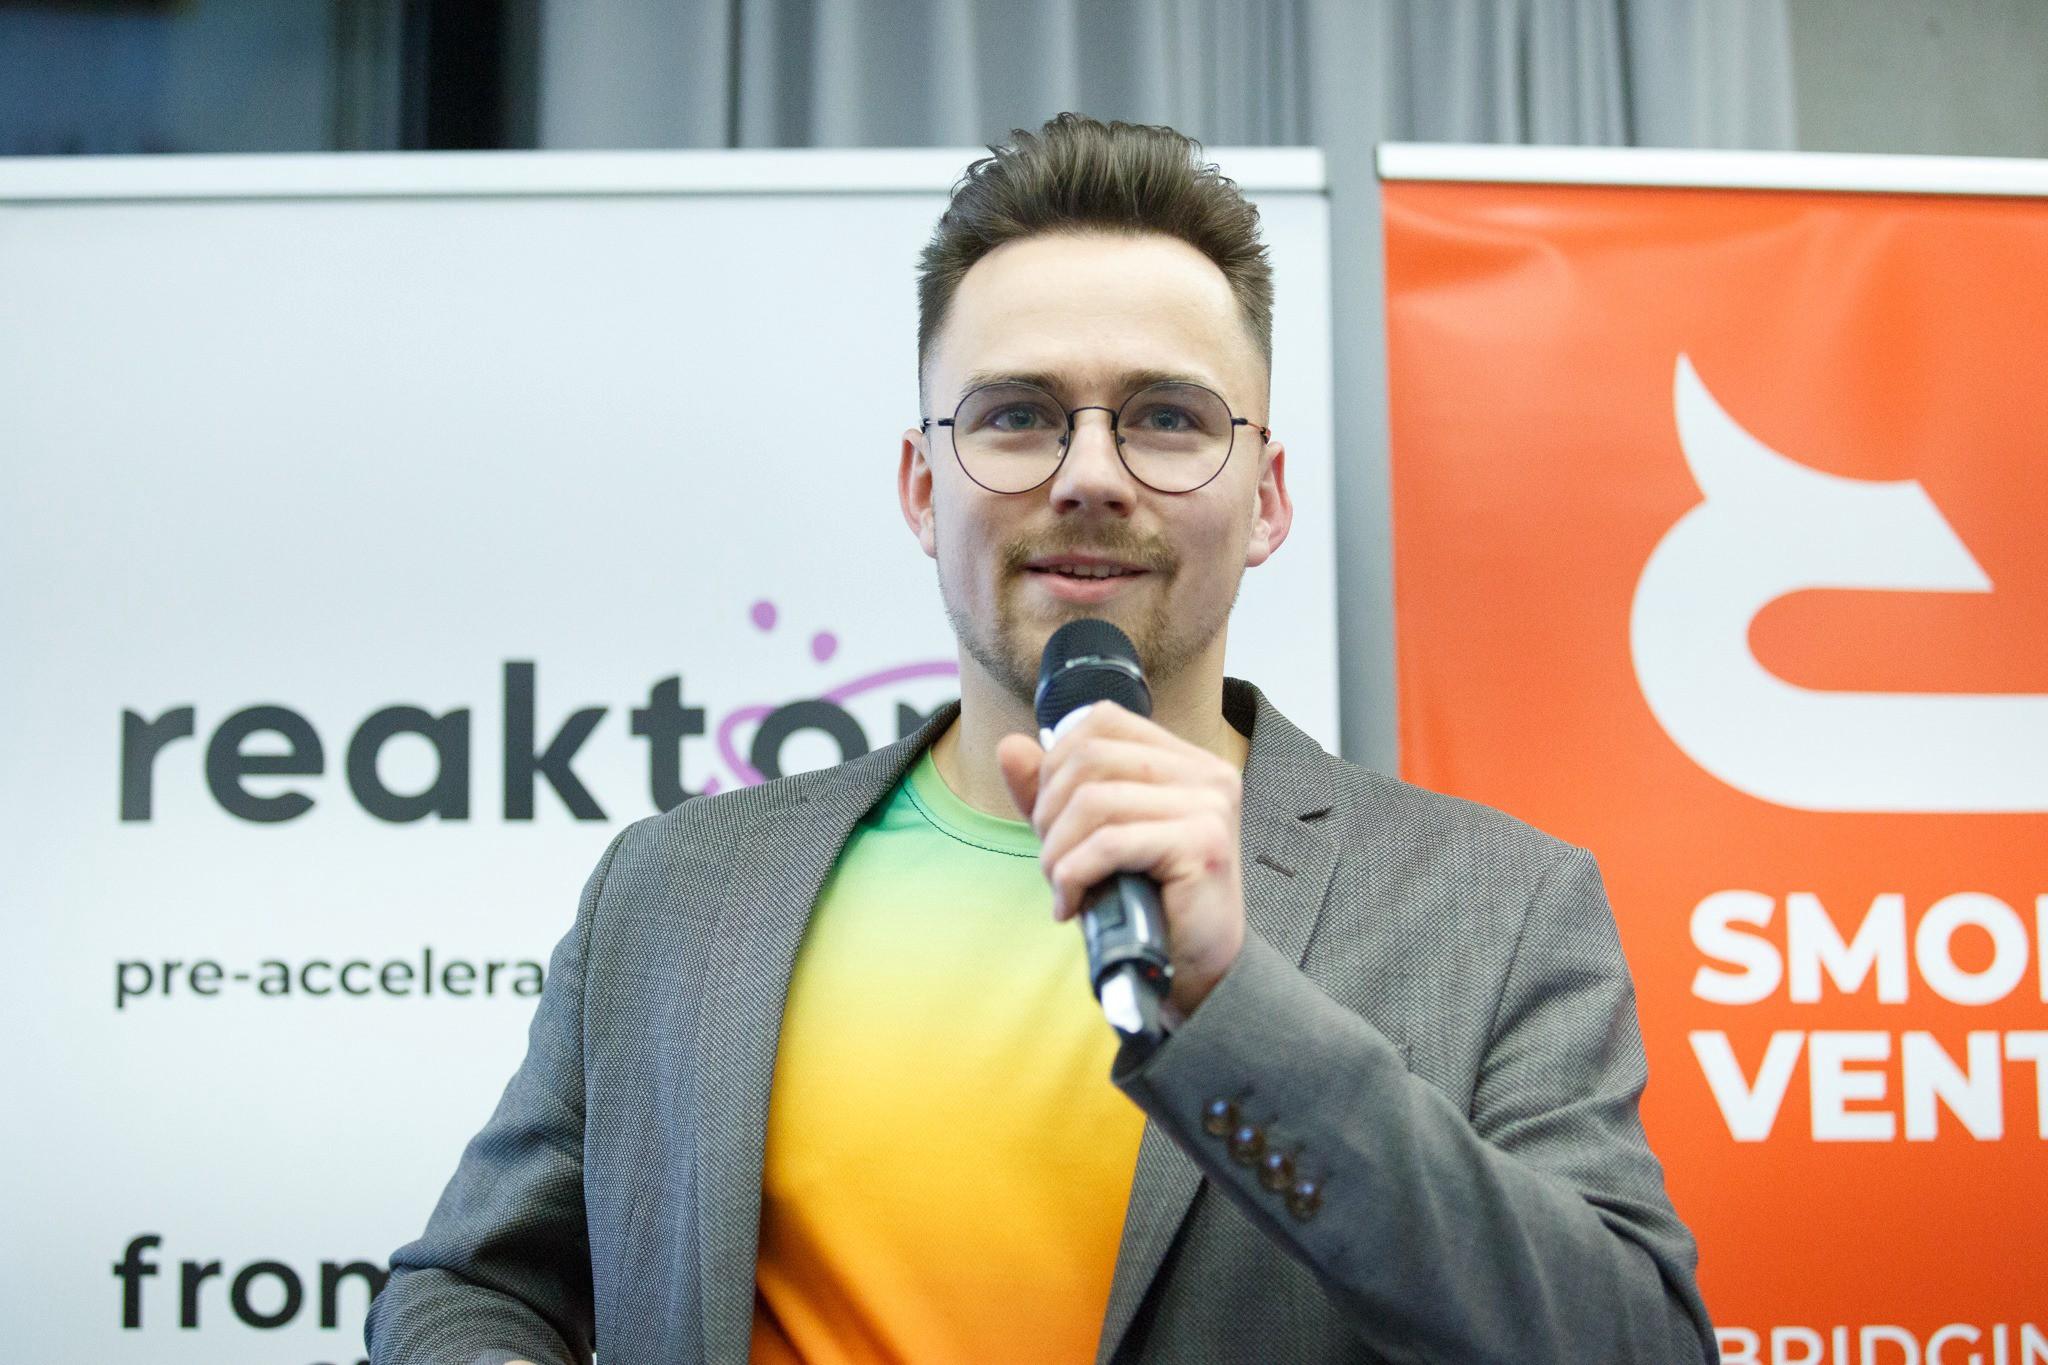 Польский ReaktorX открывает удаленный пре-акселератор для игровых стартапов.